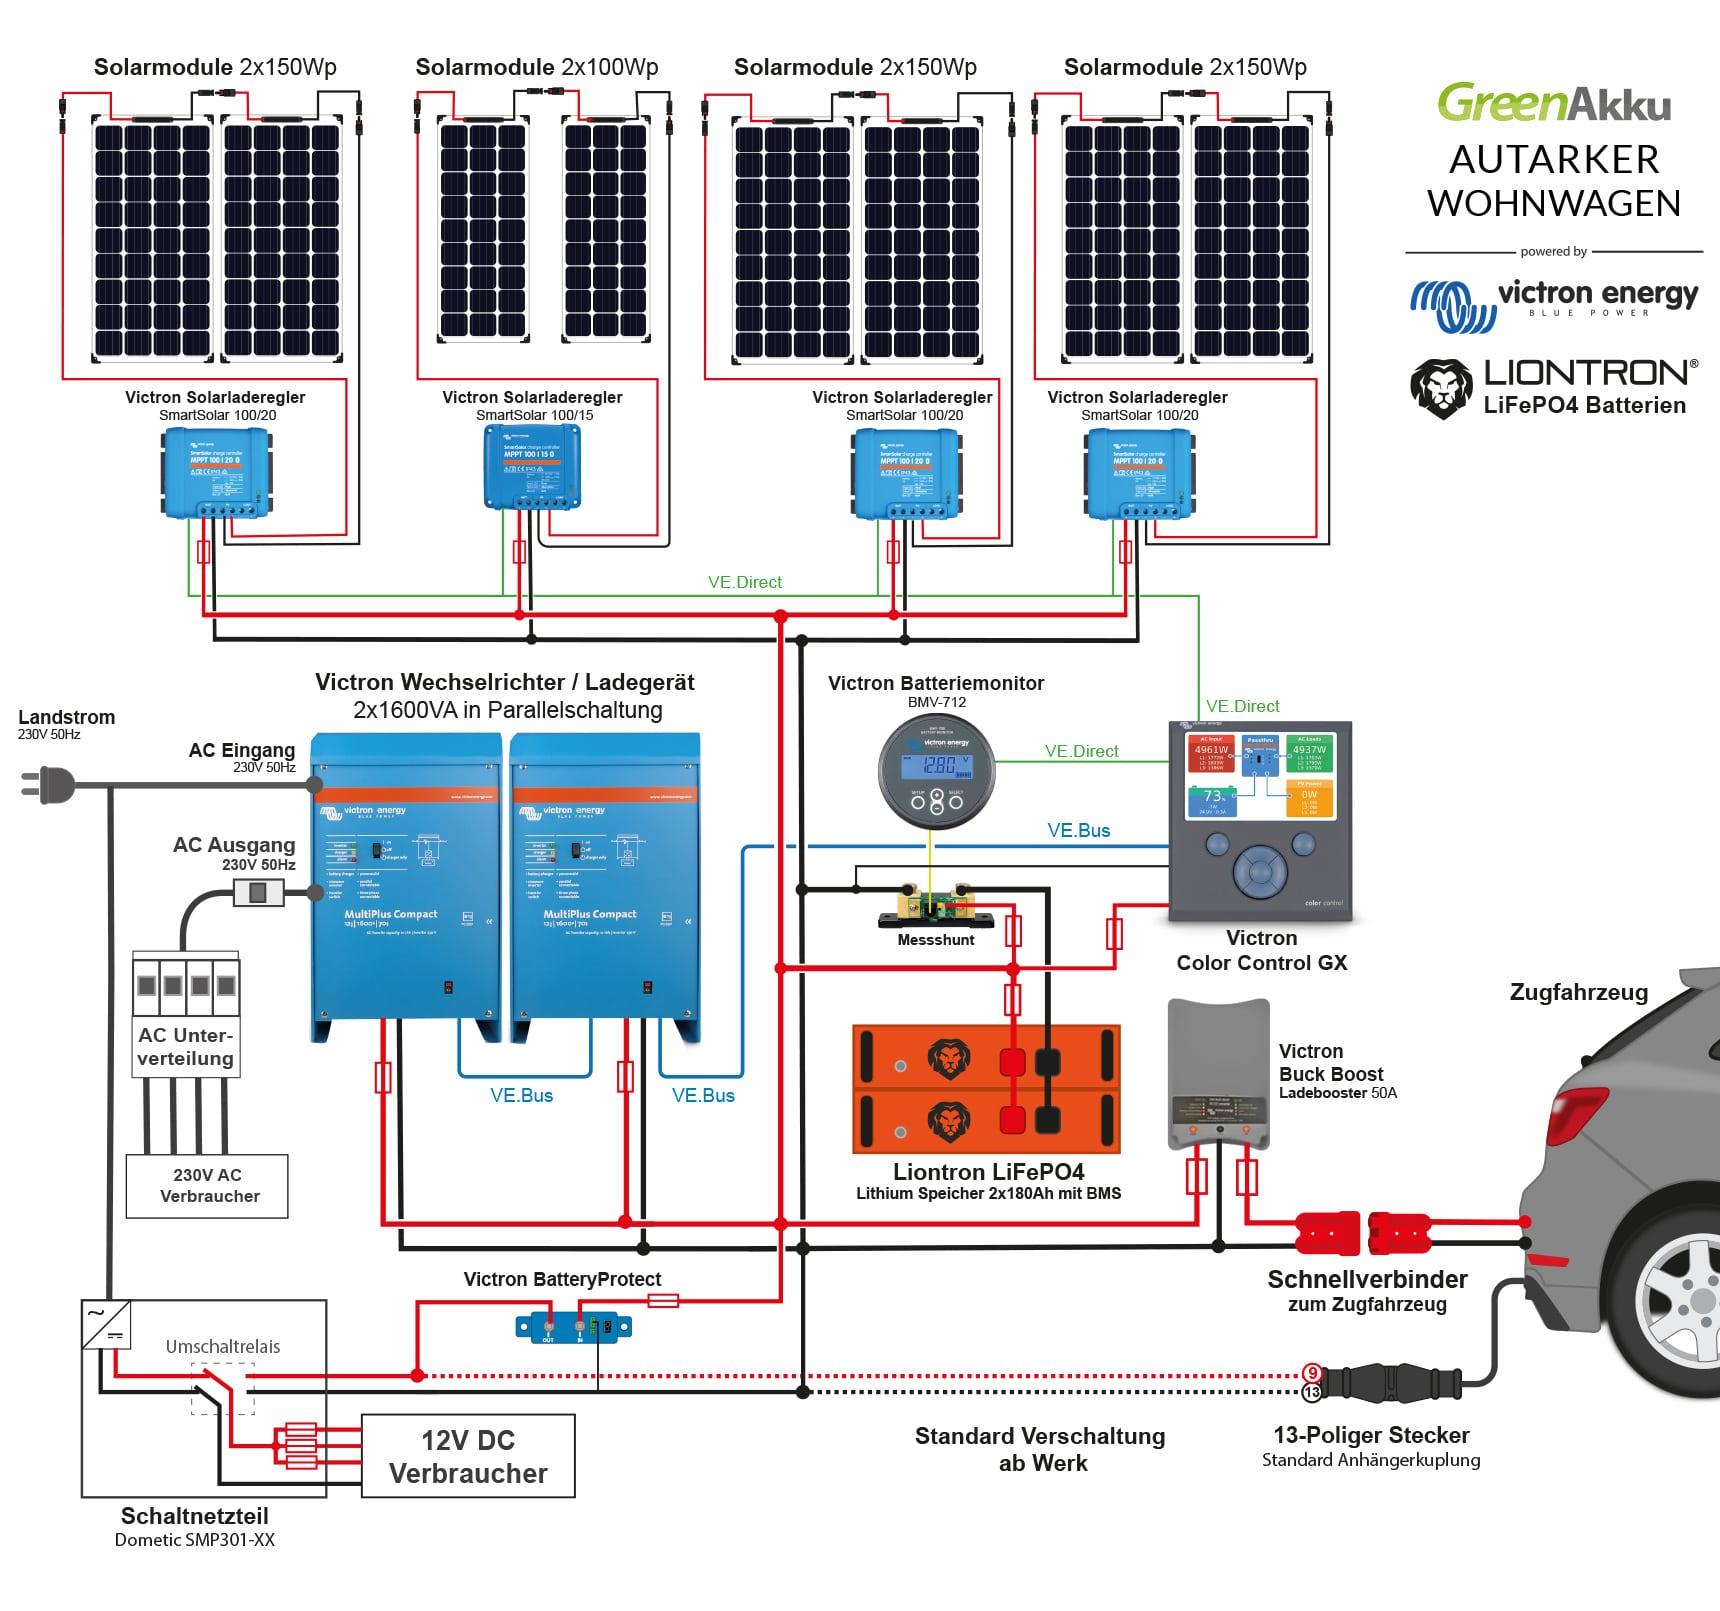 Solaranlagen auf dem Camper richtig auslegen und montieren - GreenAkku